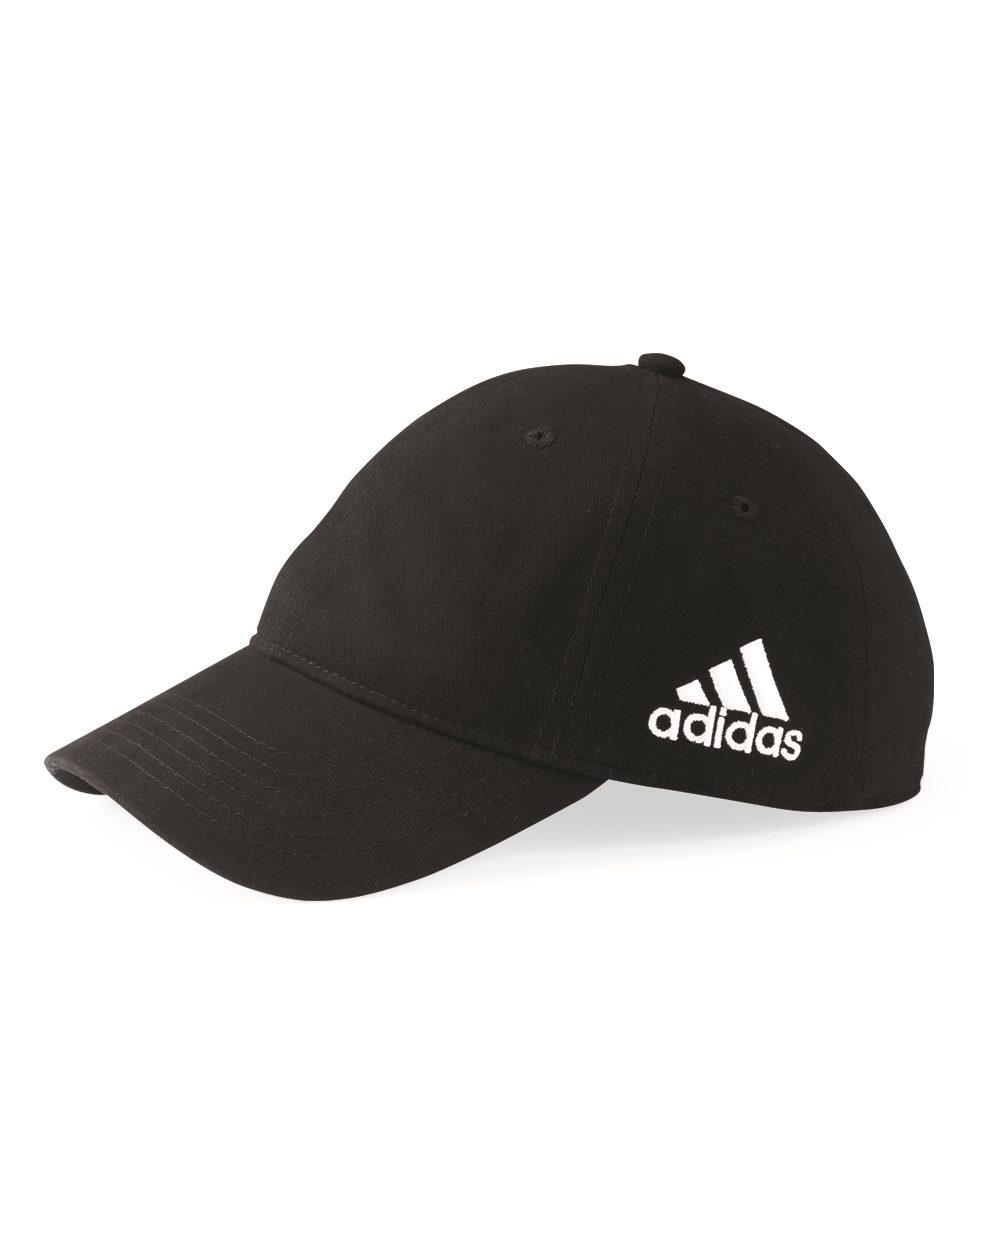 Adidas 阿迪达斯 A12 中帽型帽子